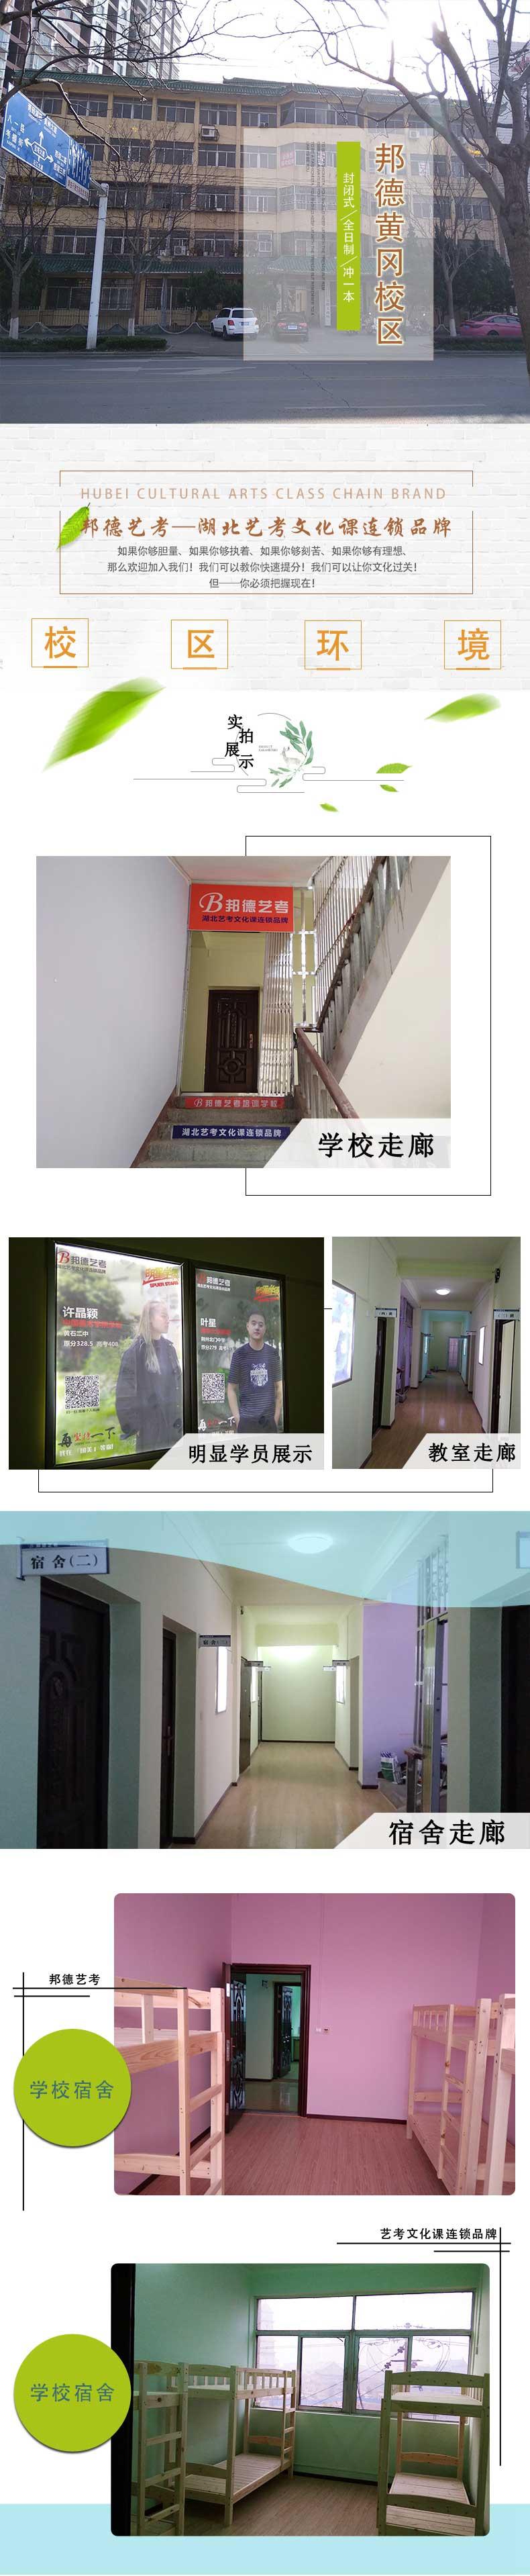 黄冈艺术生文化课—黄冈校区环境介绍